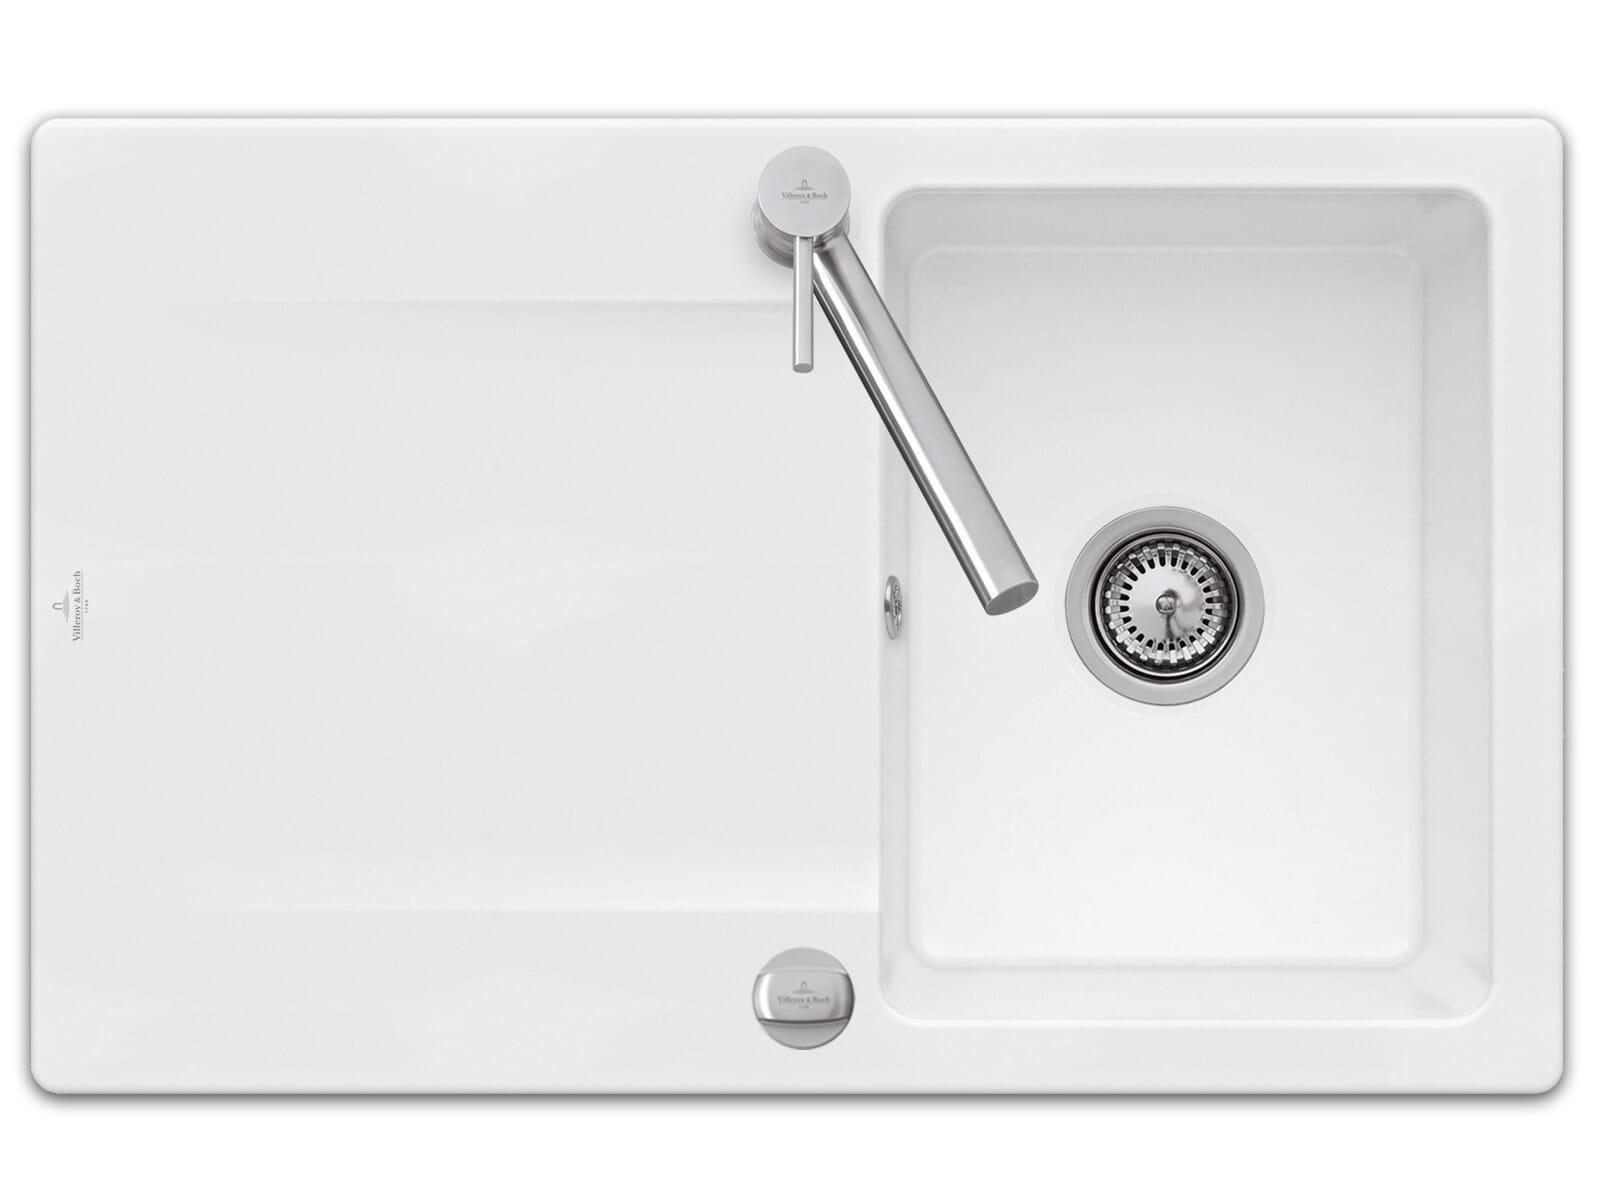 Villeroy & Boch Siluet 45 - 3334 02 R1 Weiß (alpin) Keramikspüle Excenterbetätigung